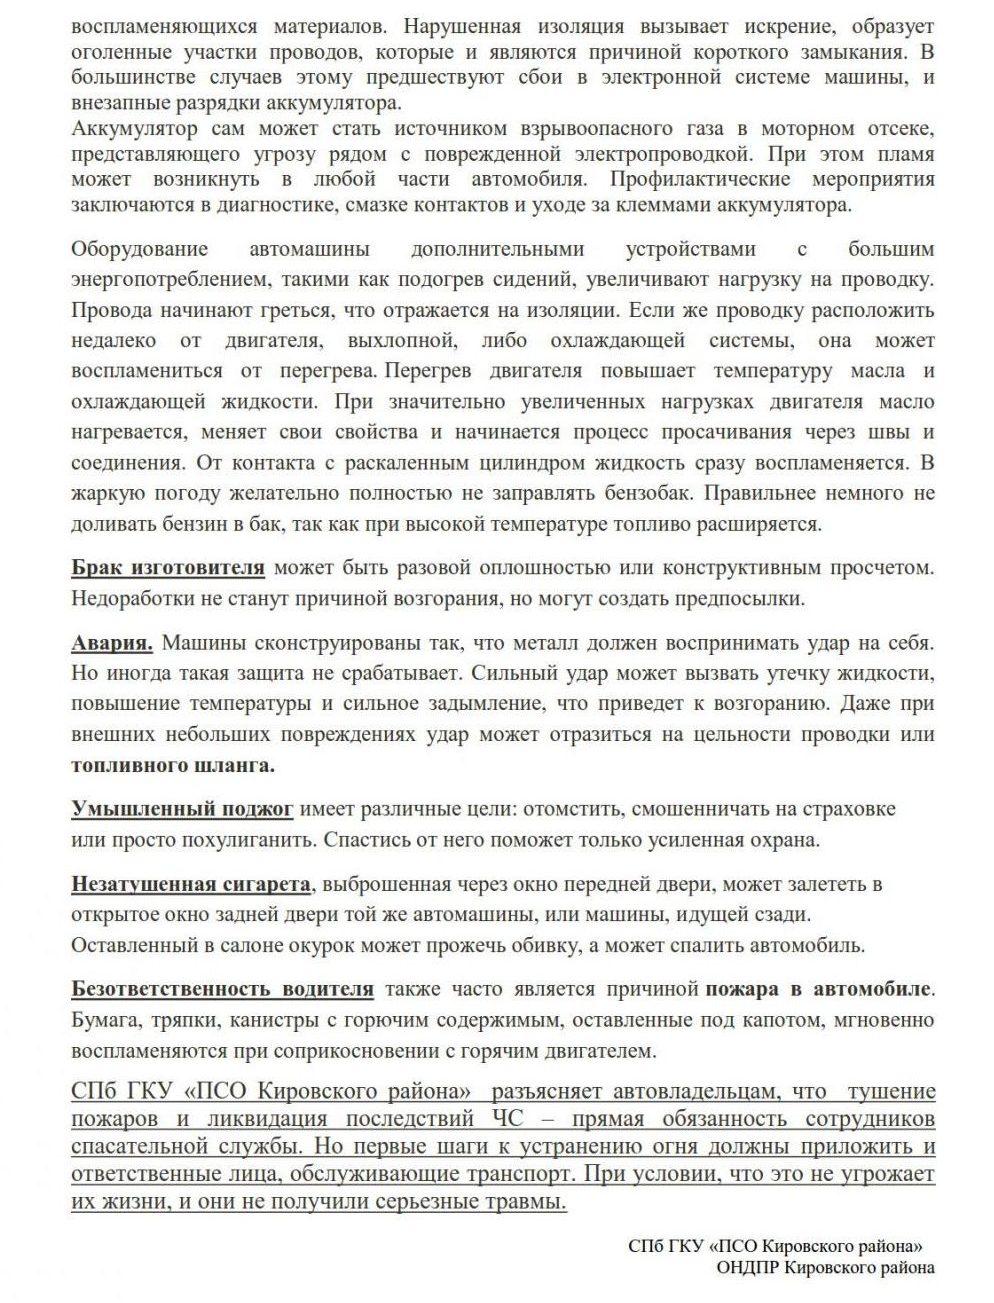 Статья Горение автотранспорта_2